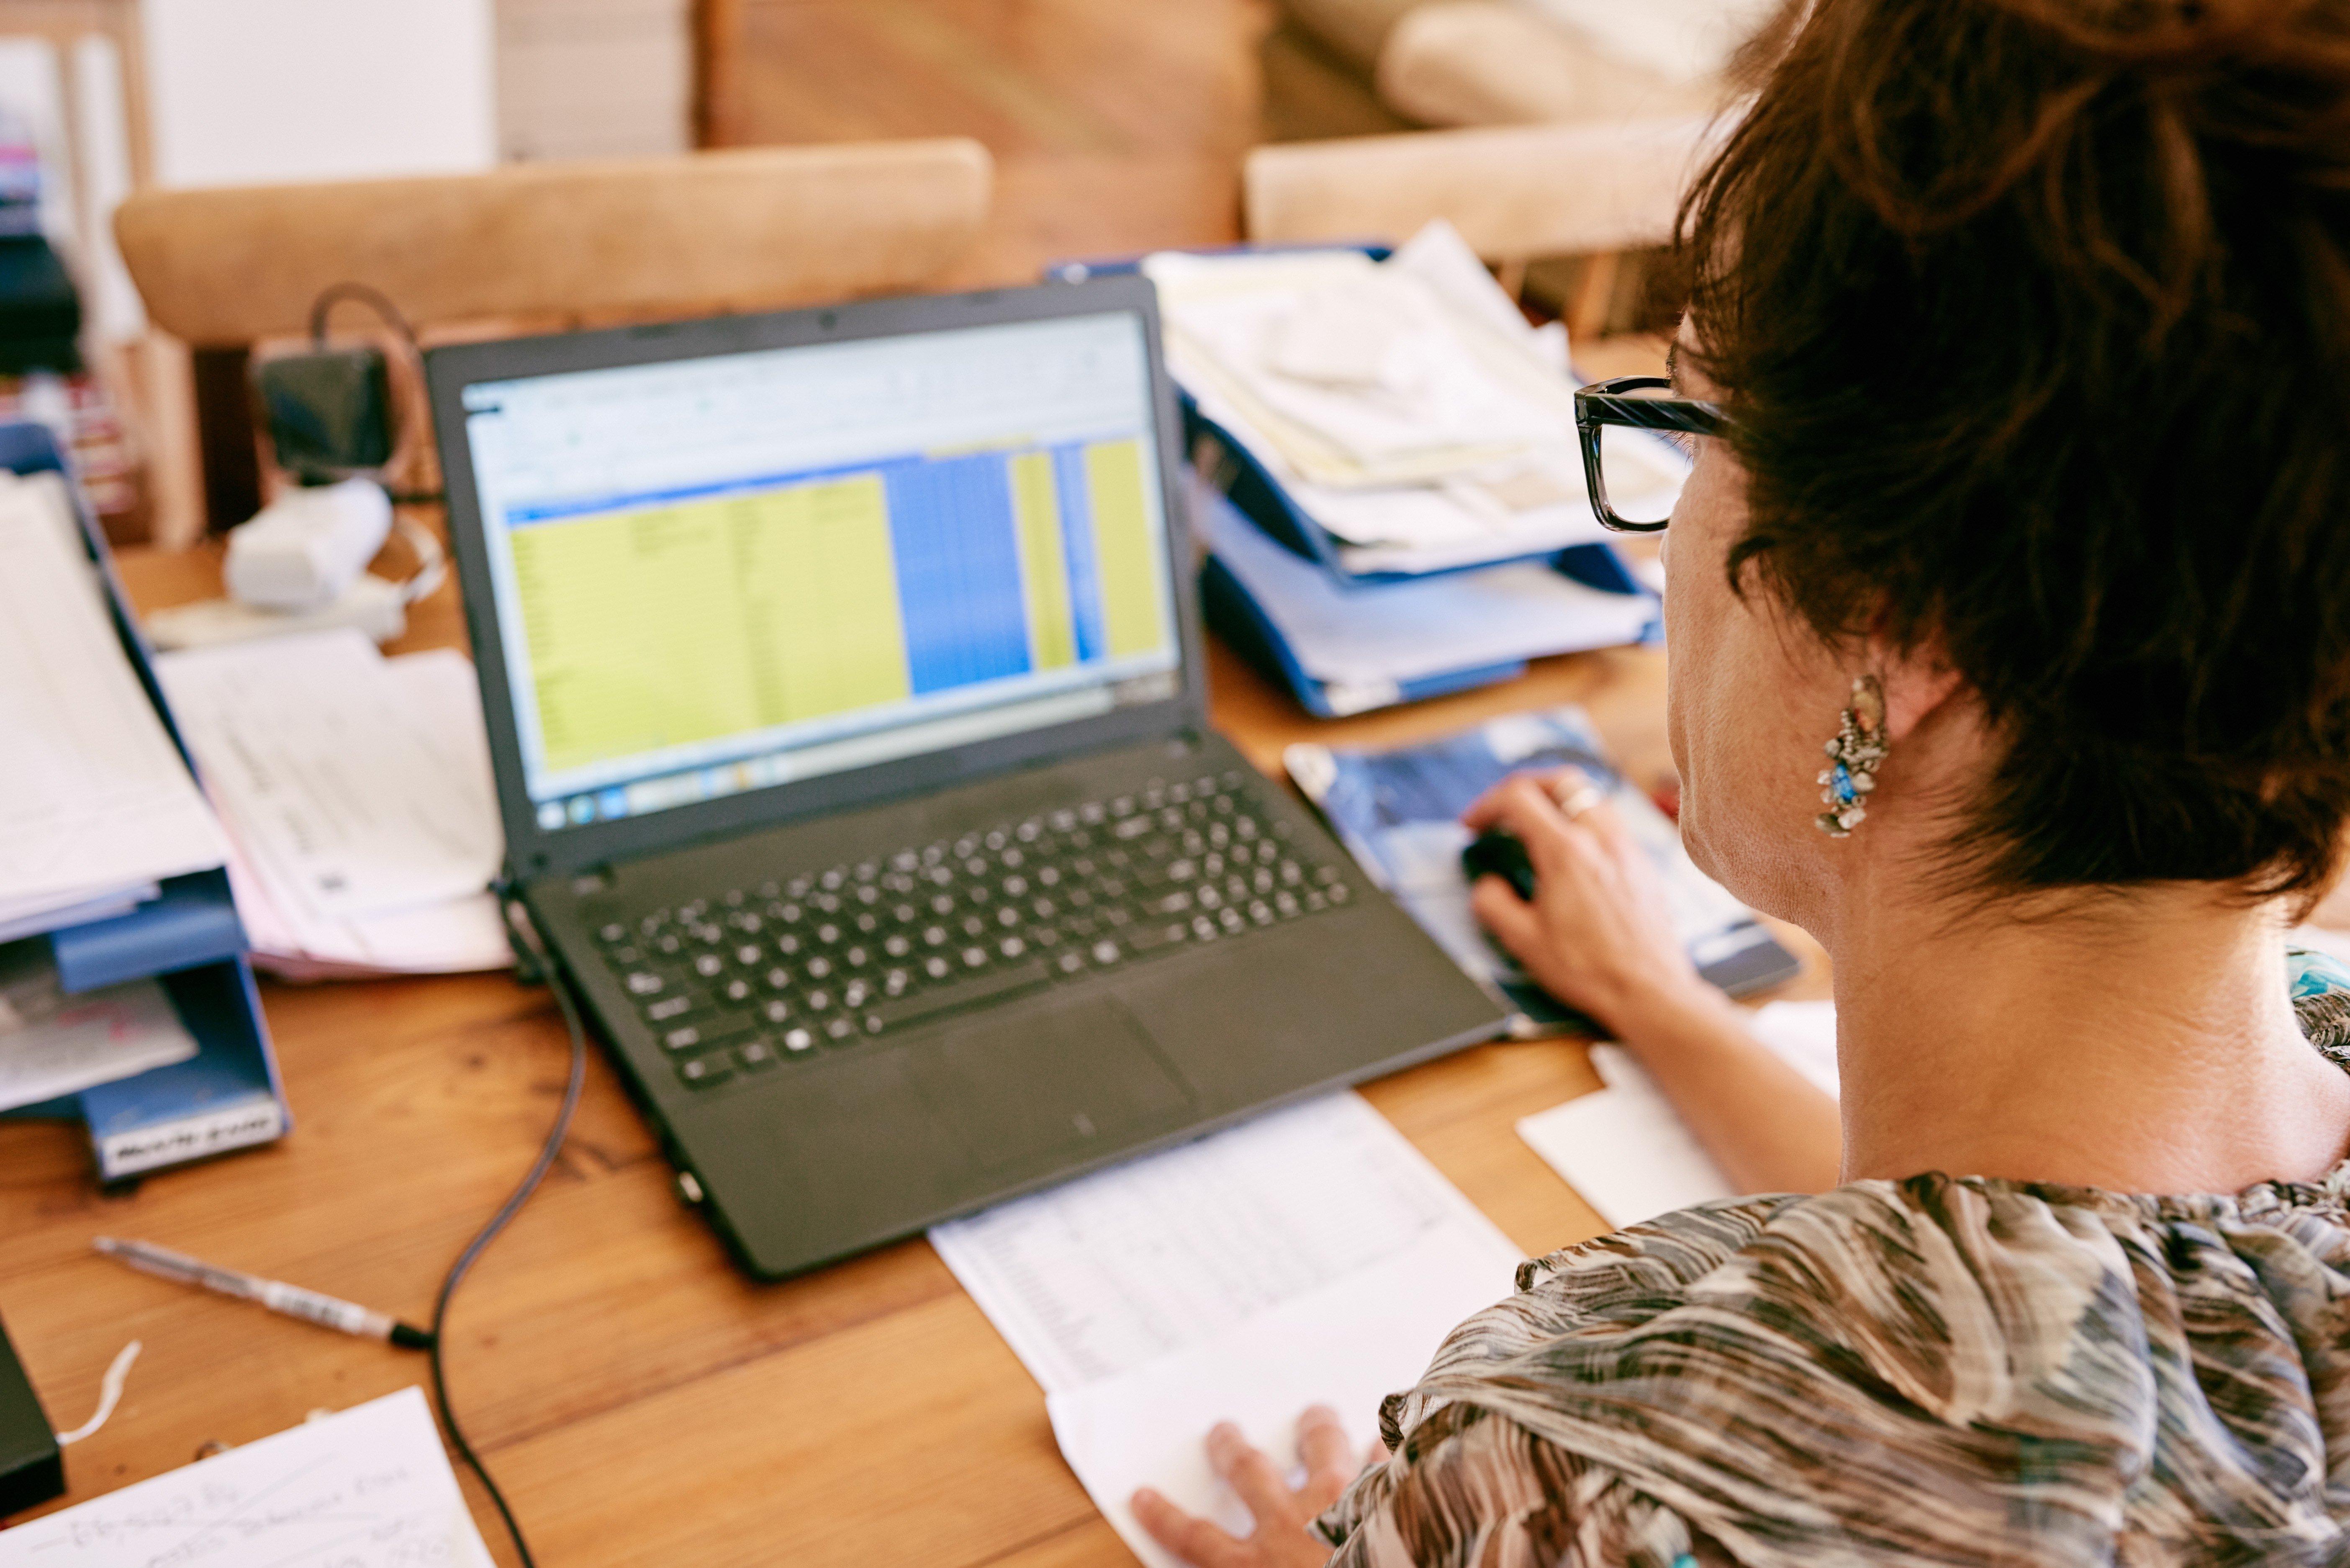 MagiKats Principal working at home